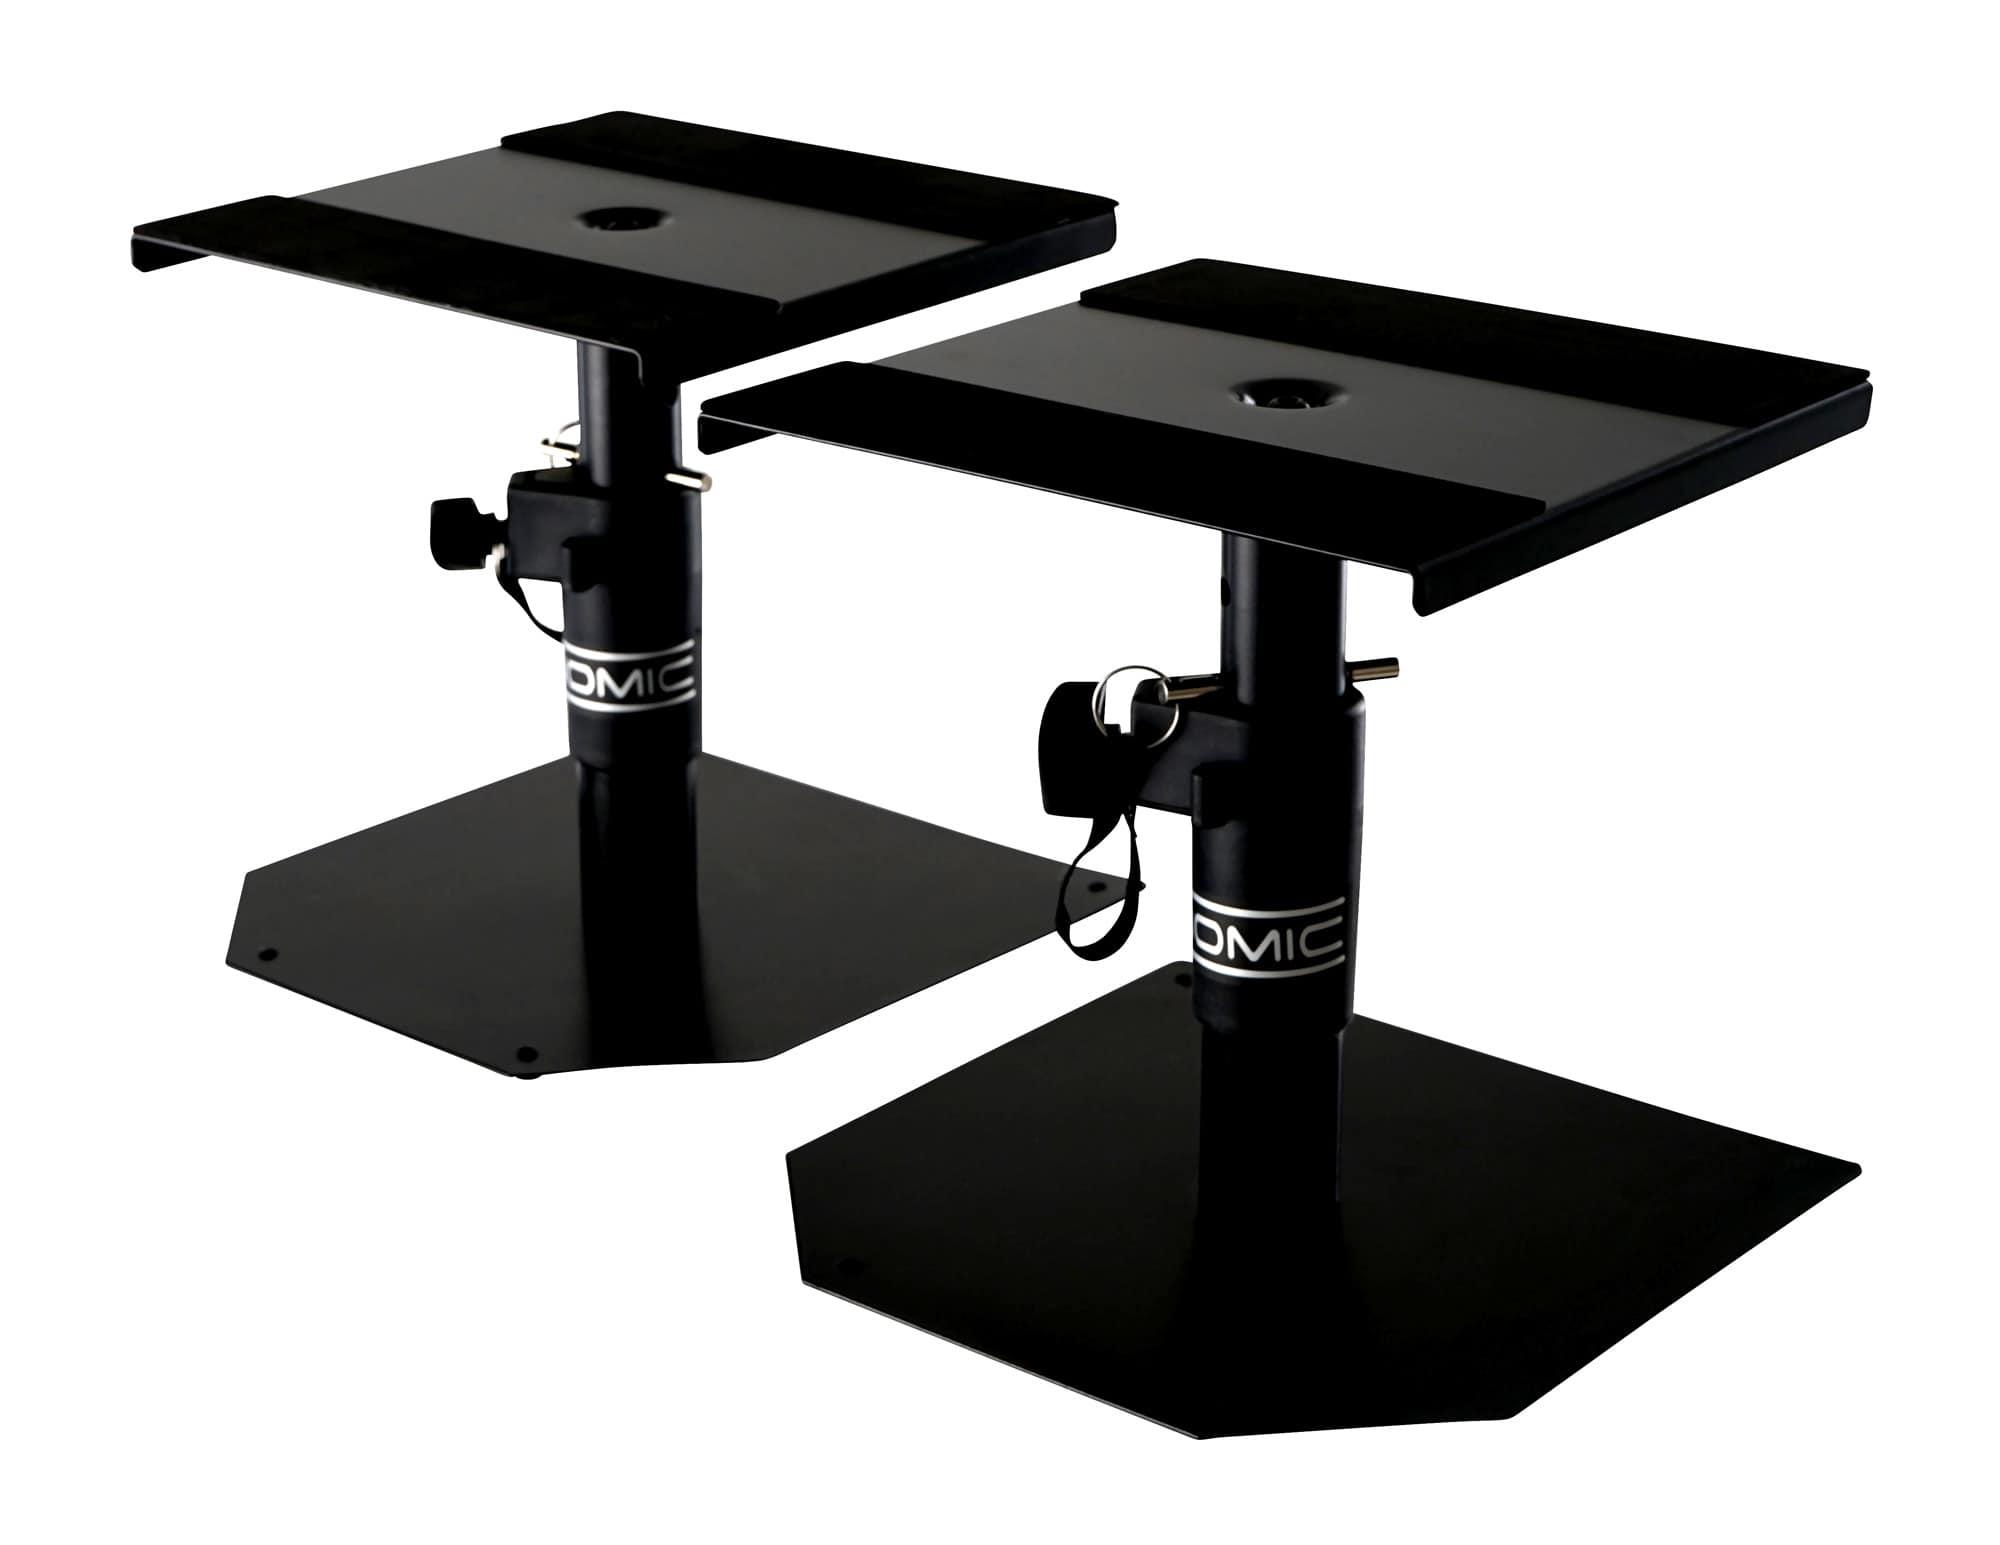 Pronomic SLS 15 Tischstative für Studio Monitore Retoure (Zustand sehr gut)